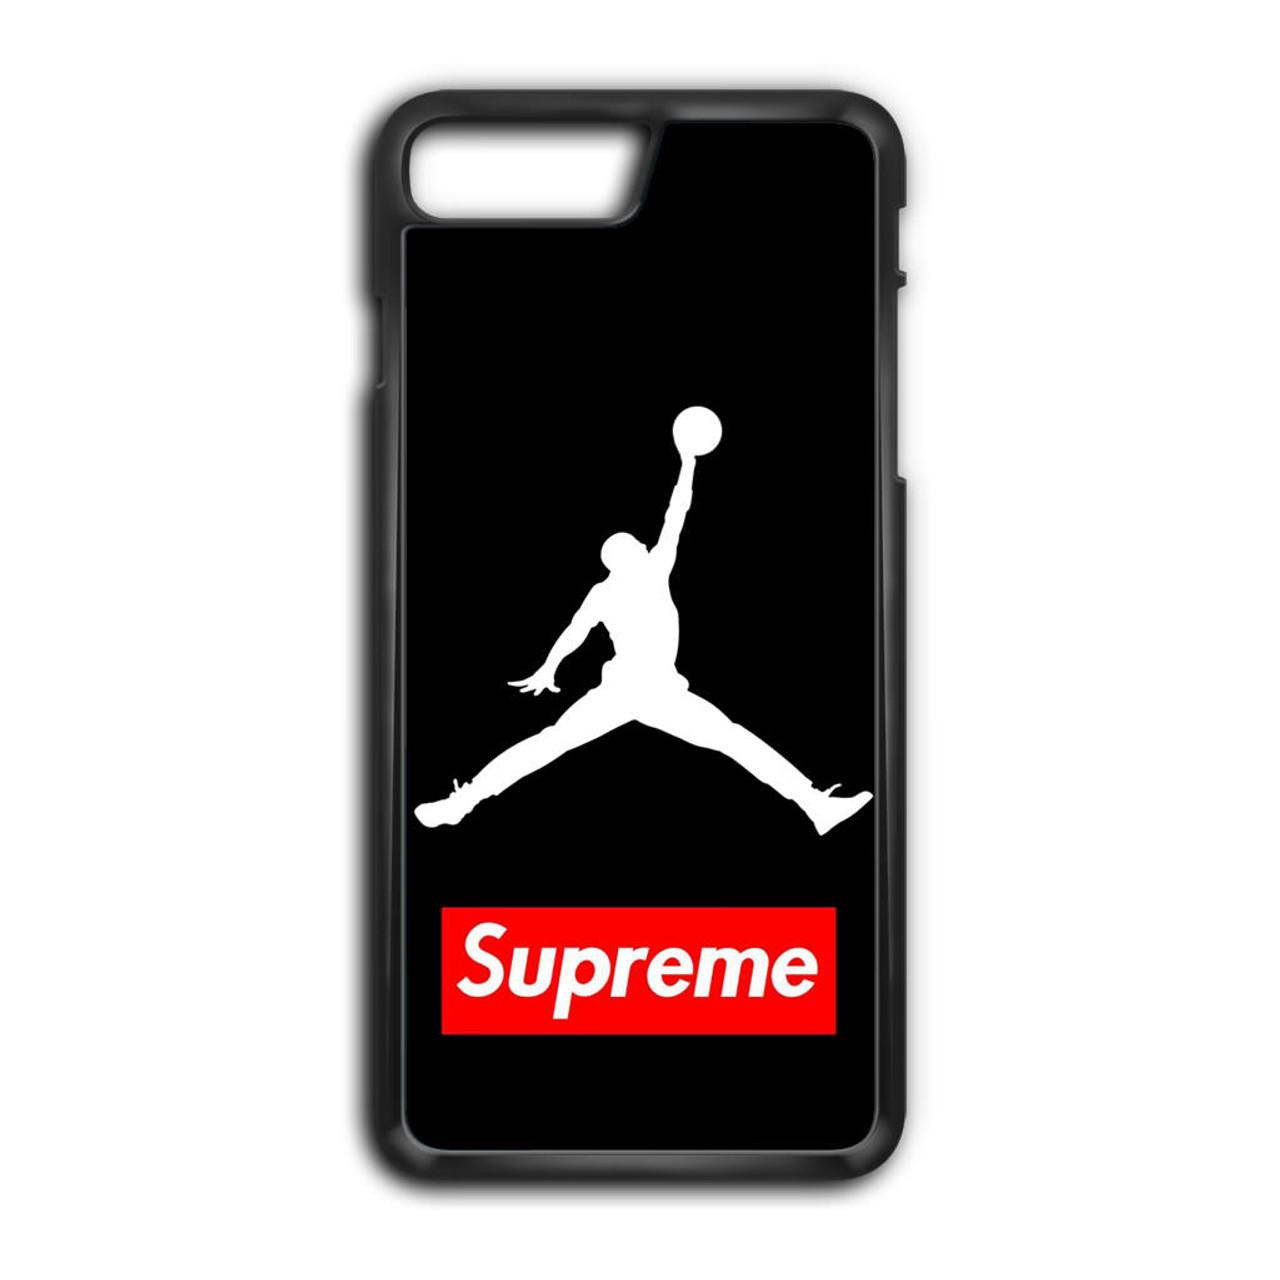 online store d17bb c5d22 Supreme Air Jordan iPhone 7 Plus Case - GGIANS